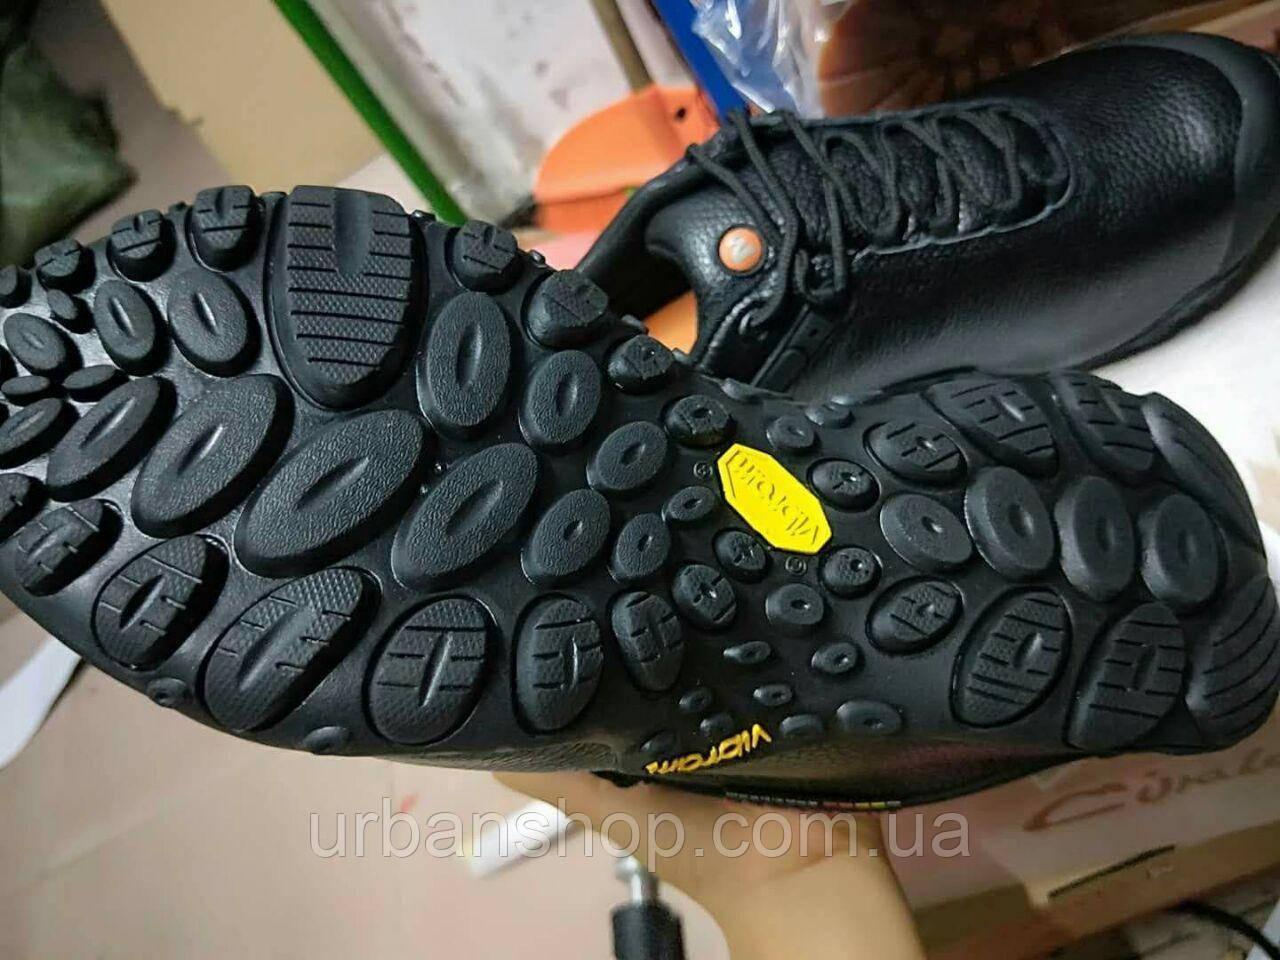 Кросівки Merrell Vibram 2 Reactor Black Waterproof шкіряні.